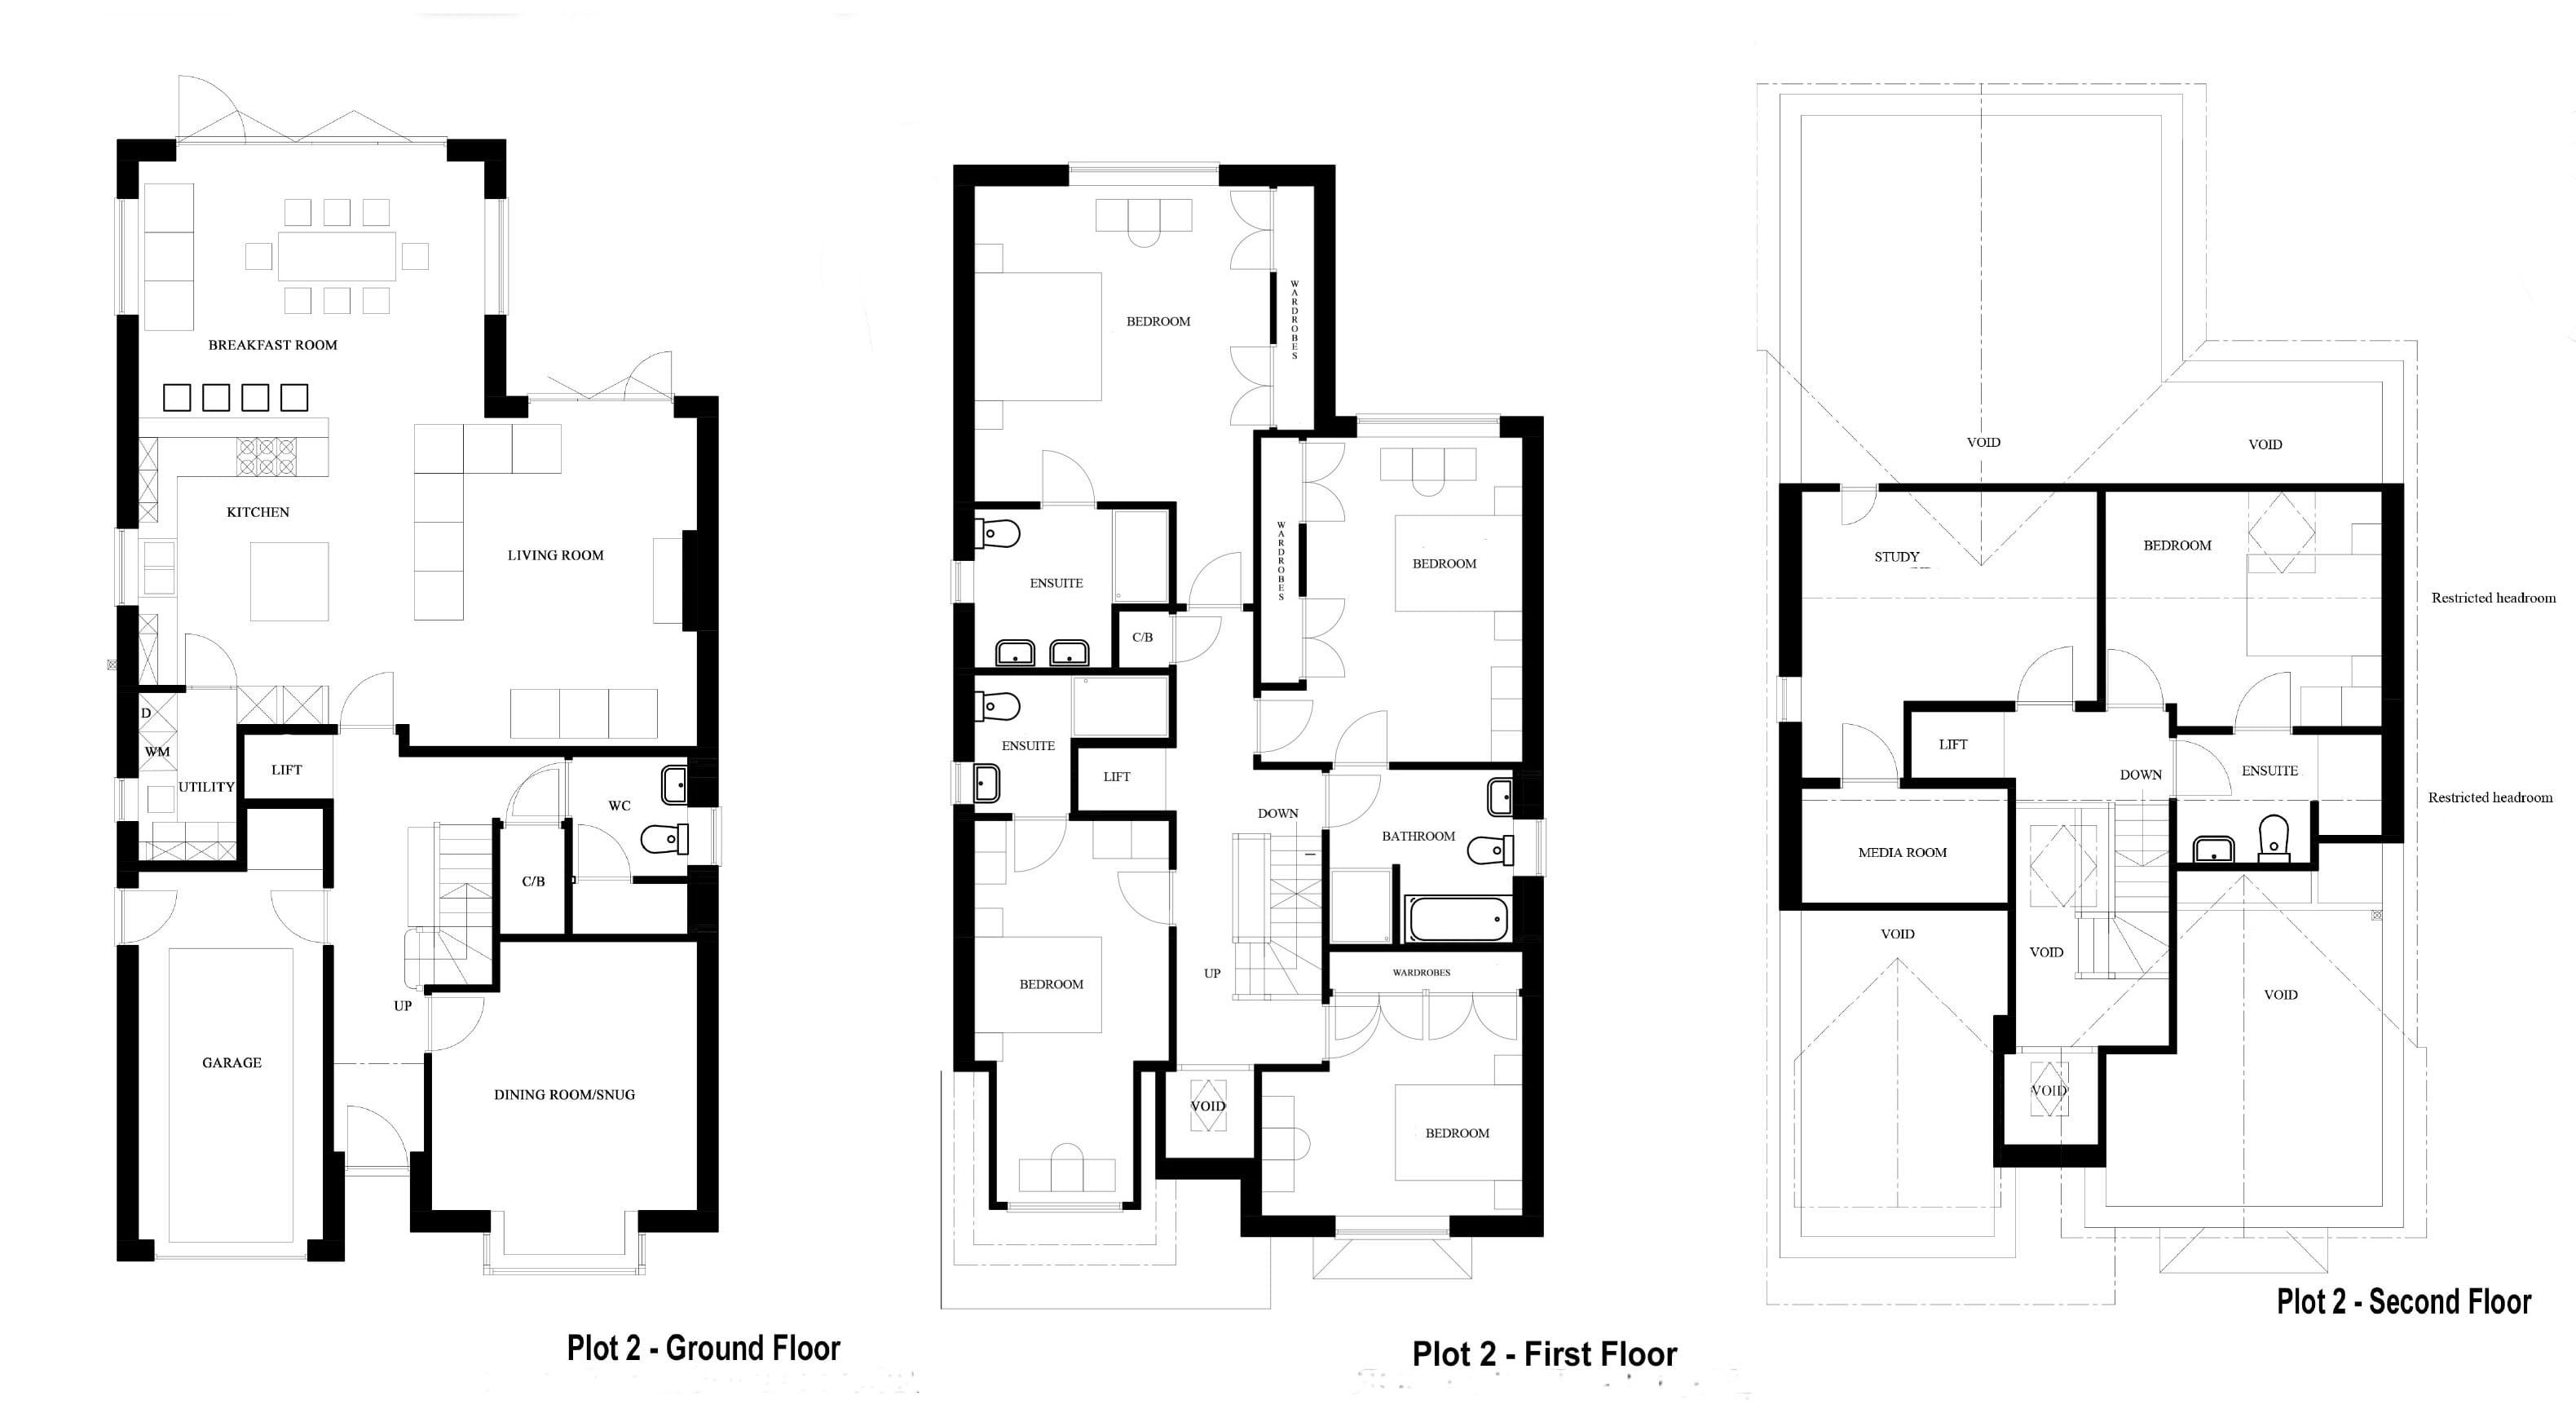 P2, 59 Twatling Road, floor plans